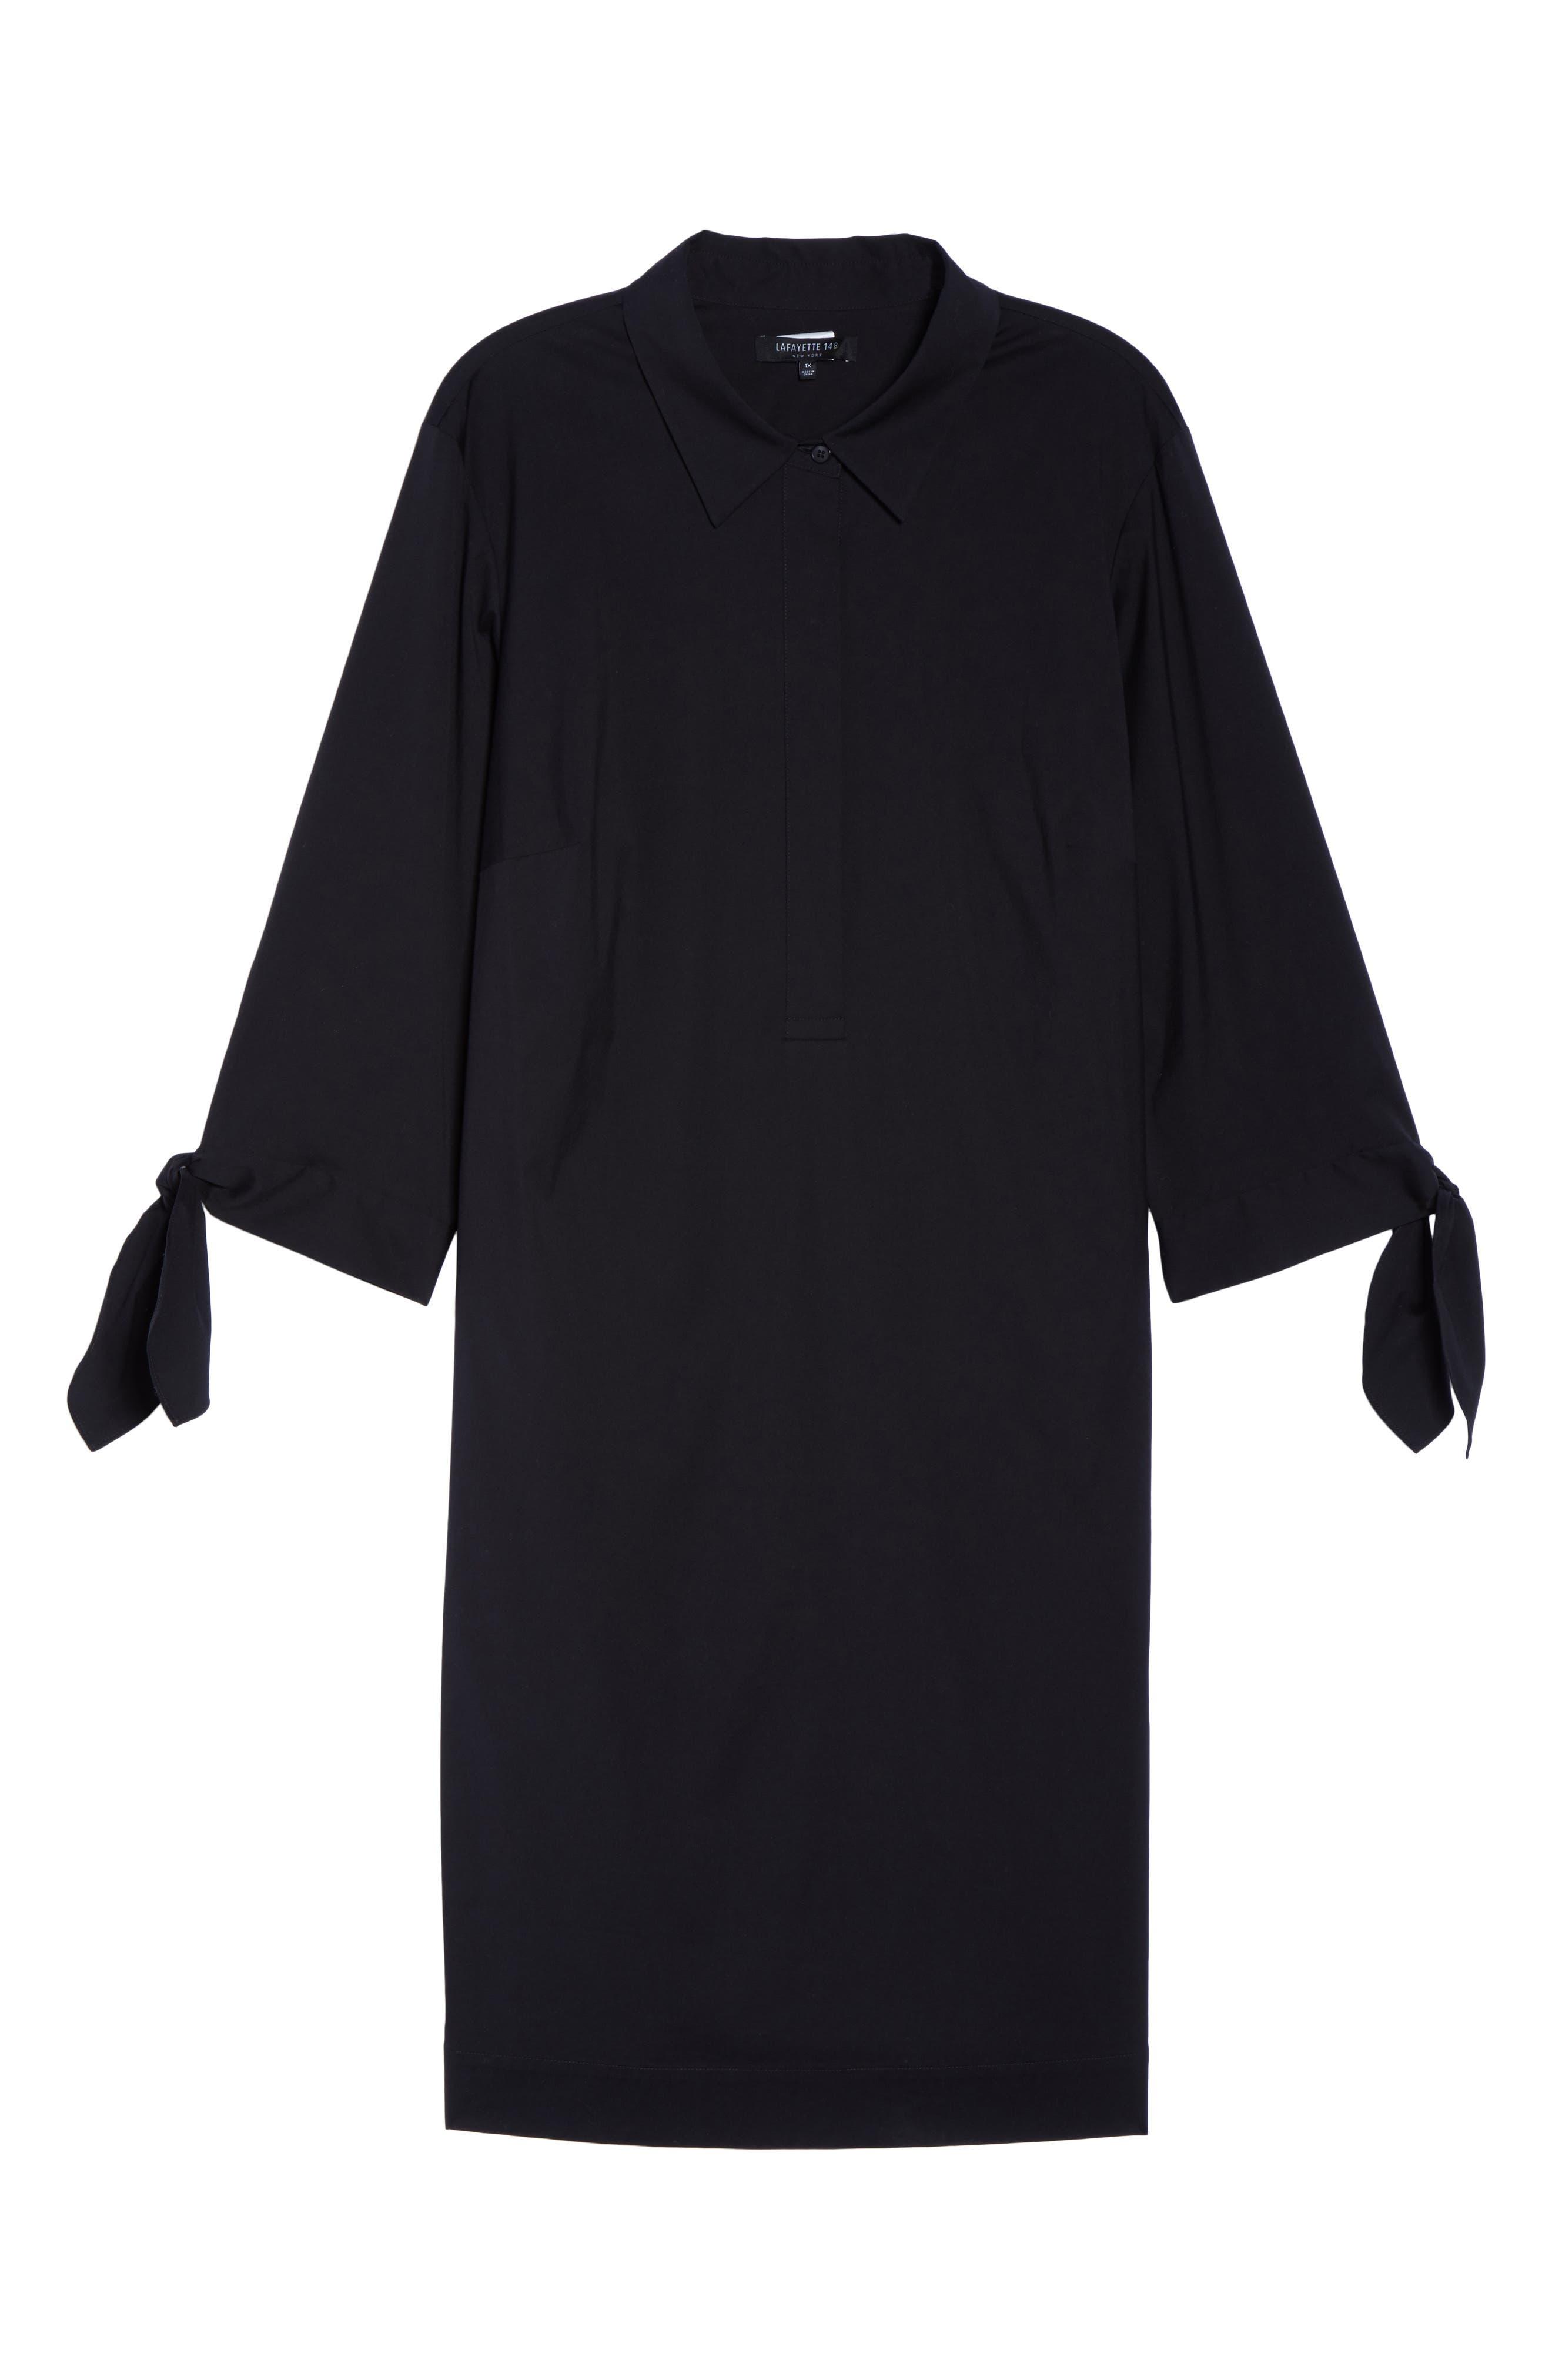 Lafayette 148 Talia Shirtdress,                             Alternate thumbnail 6, color,                             Black